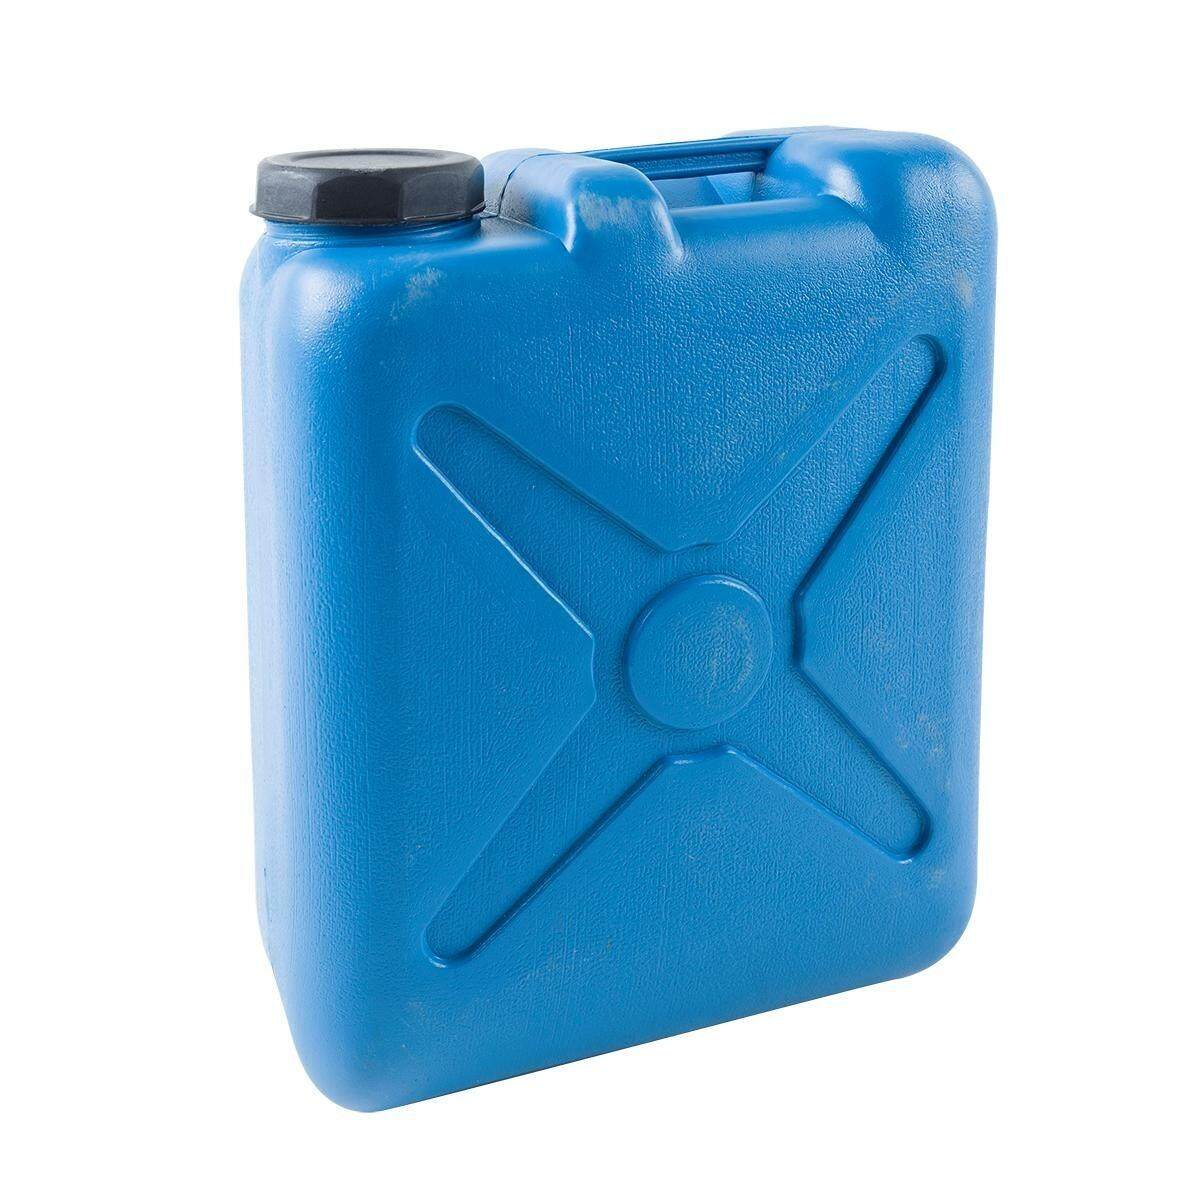 Bigbike_shop ถังแกลลอนพลาสติก  สีฟ้า.